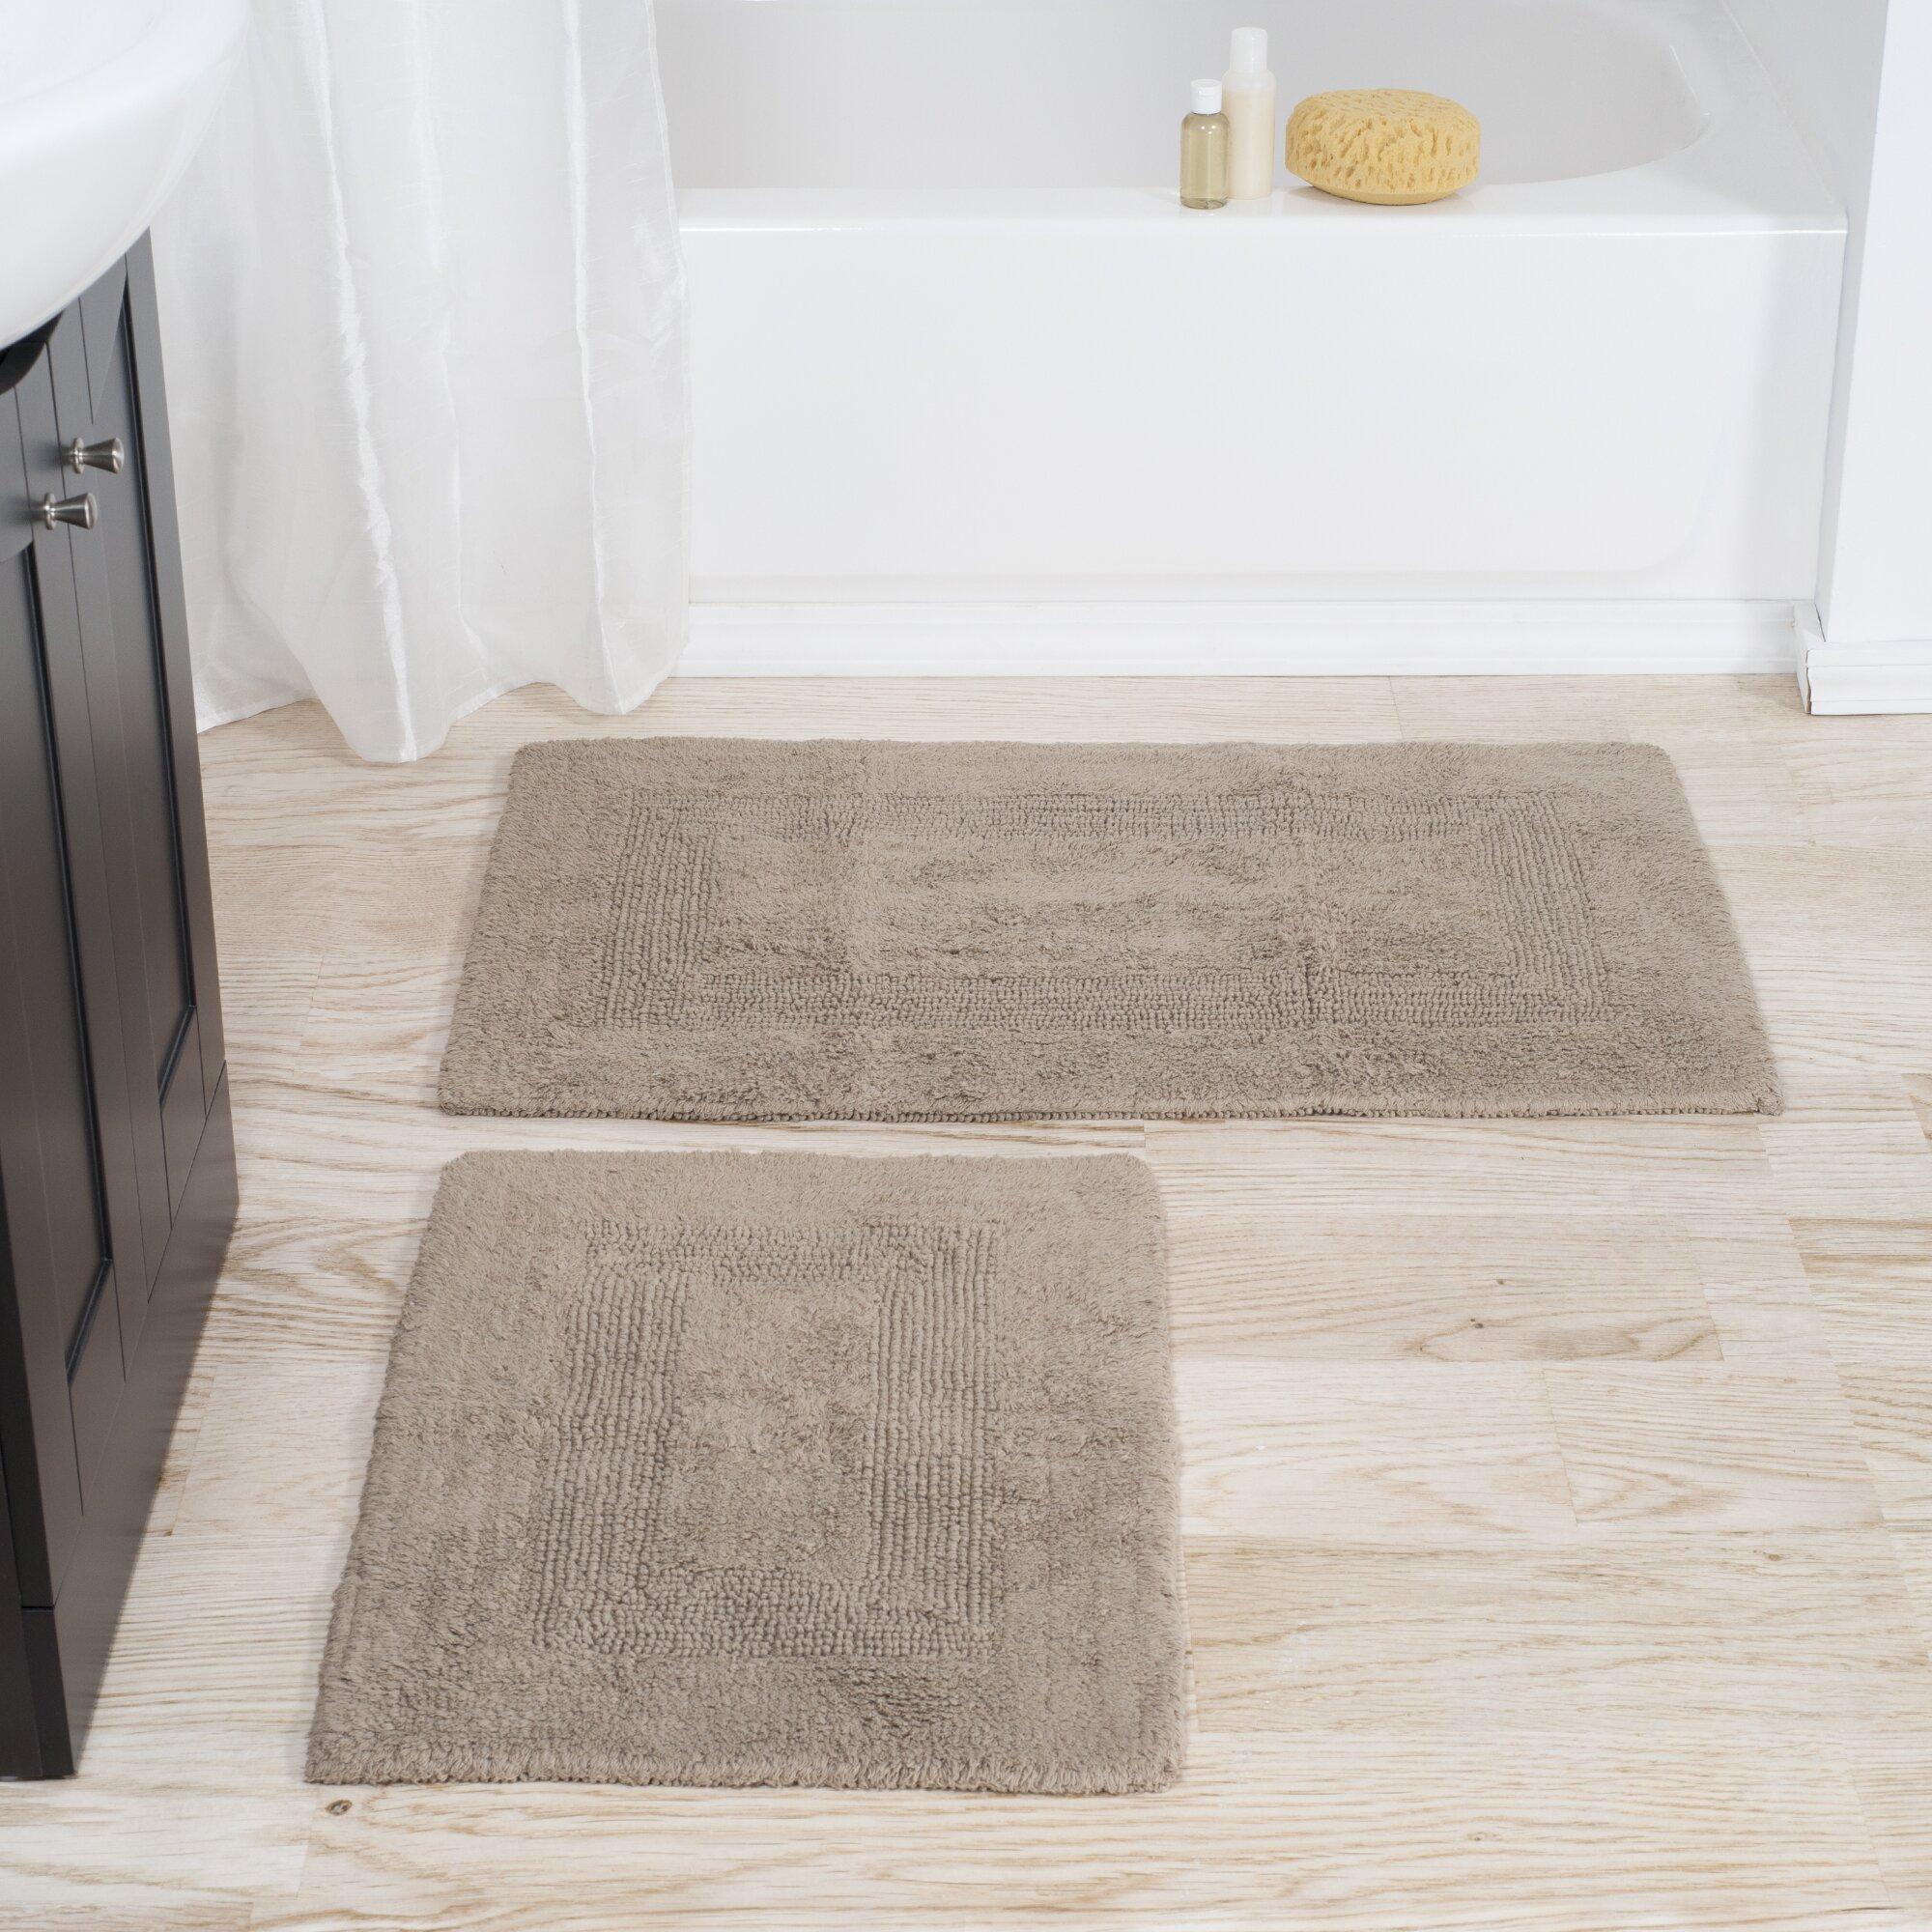 Bathroom 3 piece rug set - 2 Piece Reversible Bath Rug Set